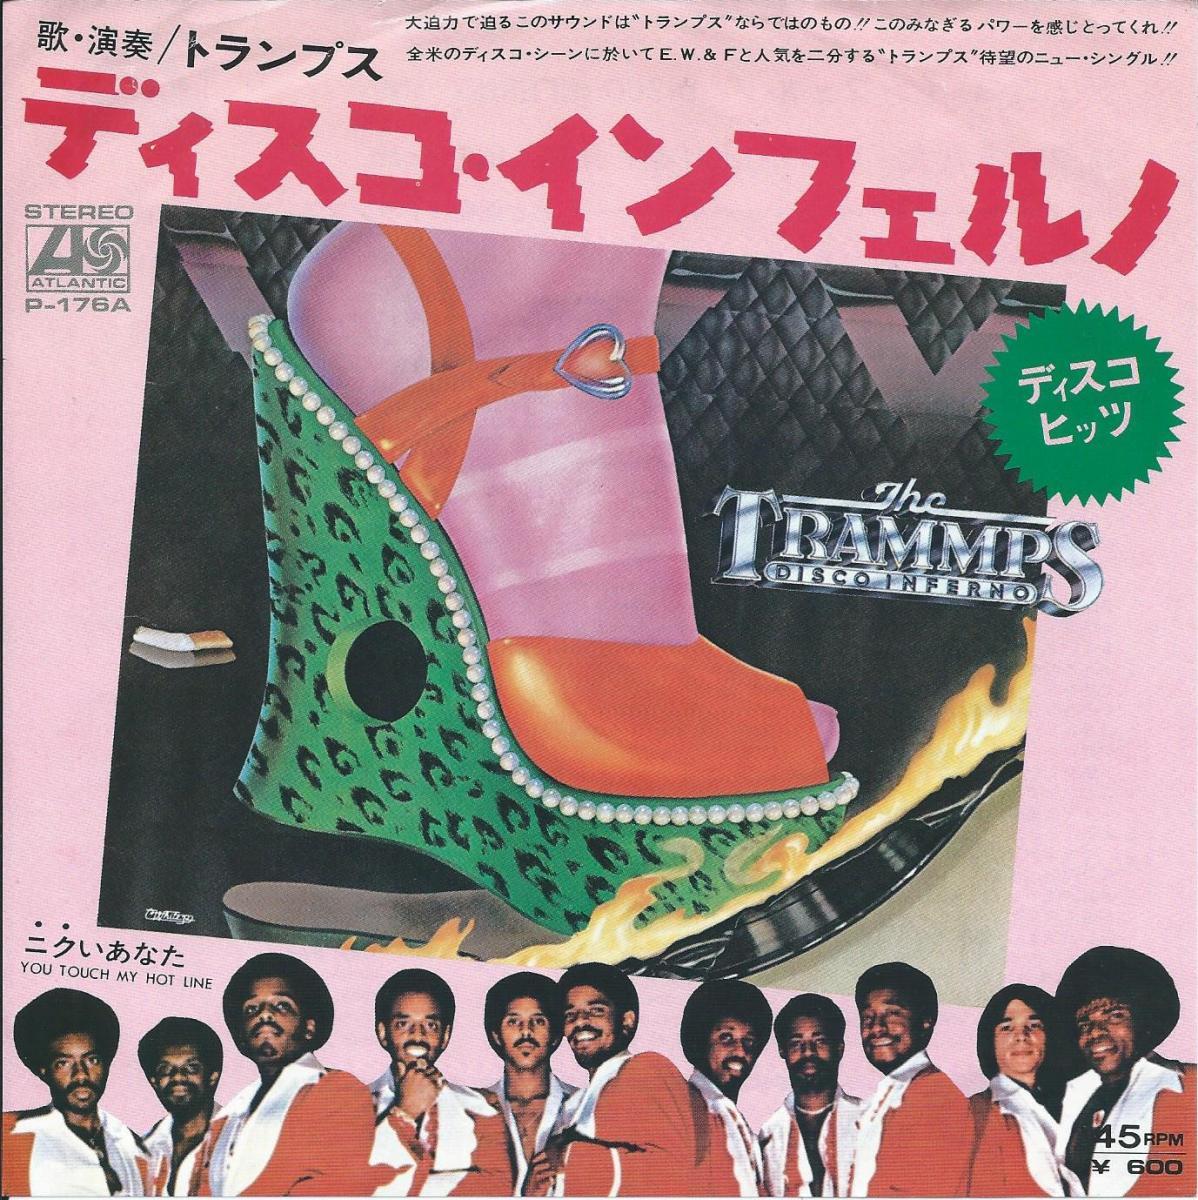 トランプス THE TRAMMPS / ディスコ・インフェルノ DISCO INFERNO / ニクいあなた YOU TOUCH MY HOT LINE (LP)